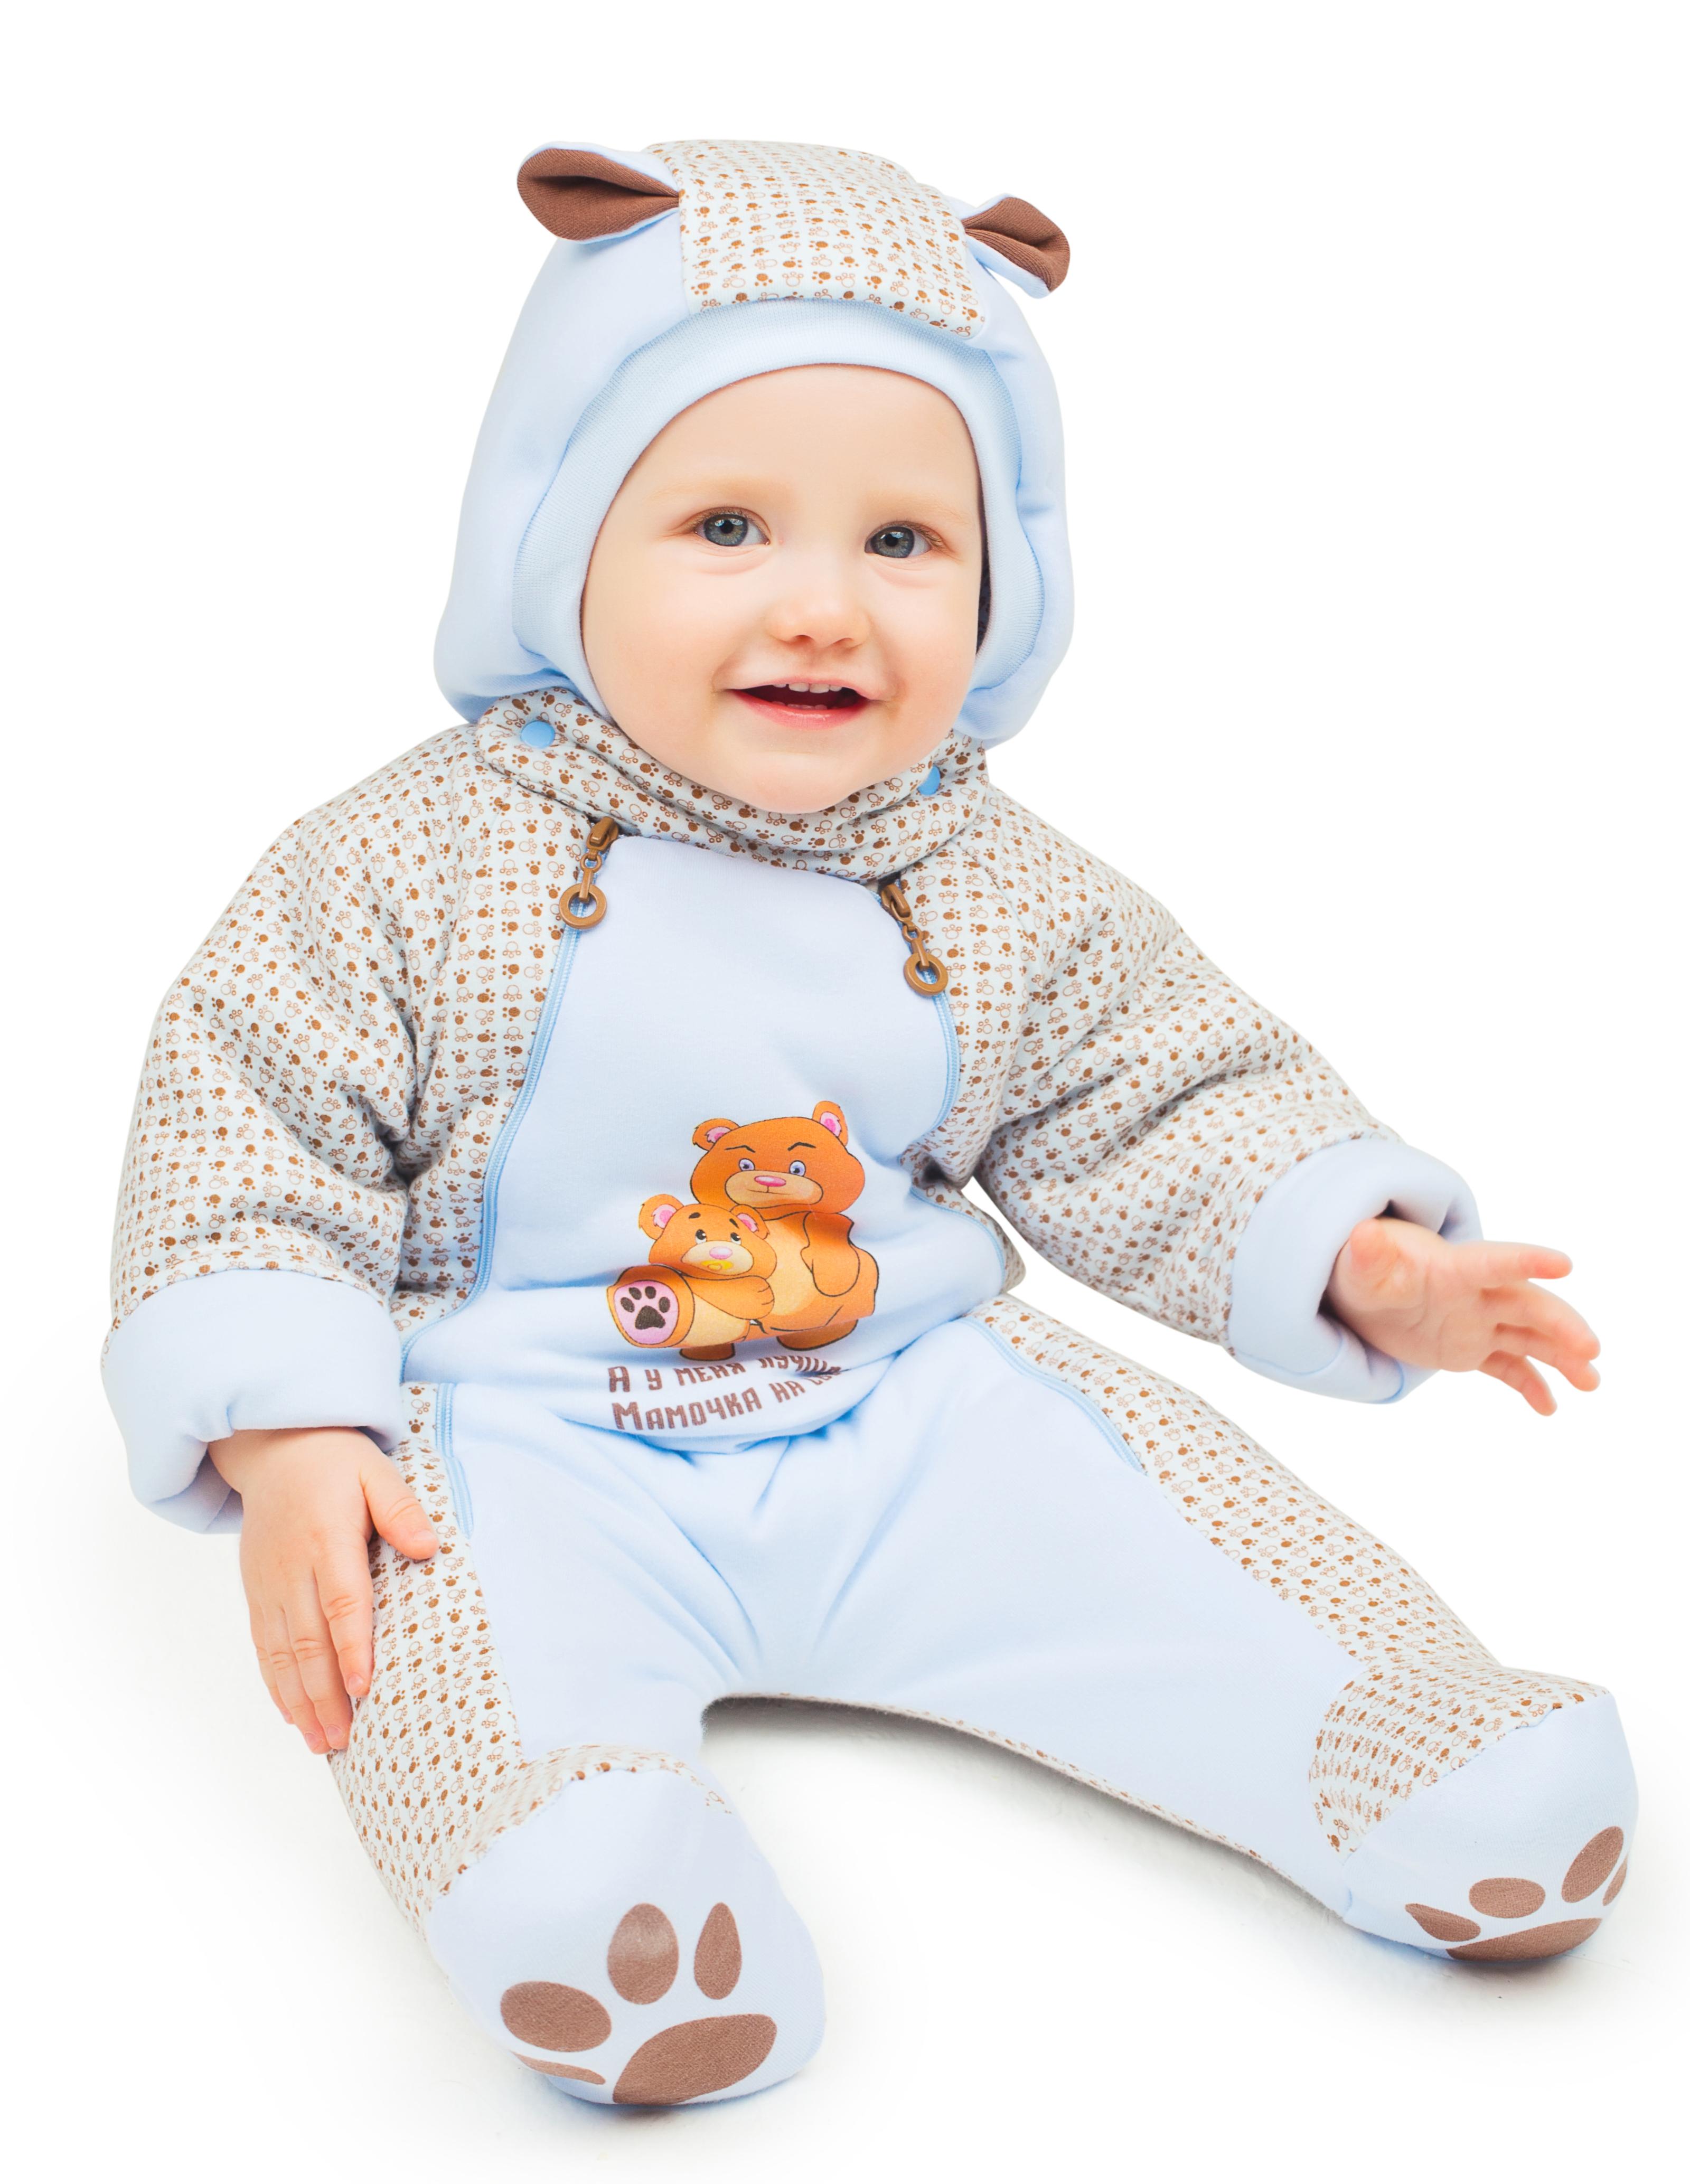 комбинезон для новорожденных фото для мальчиков